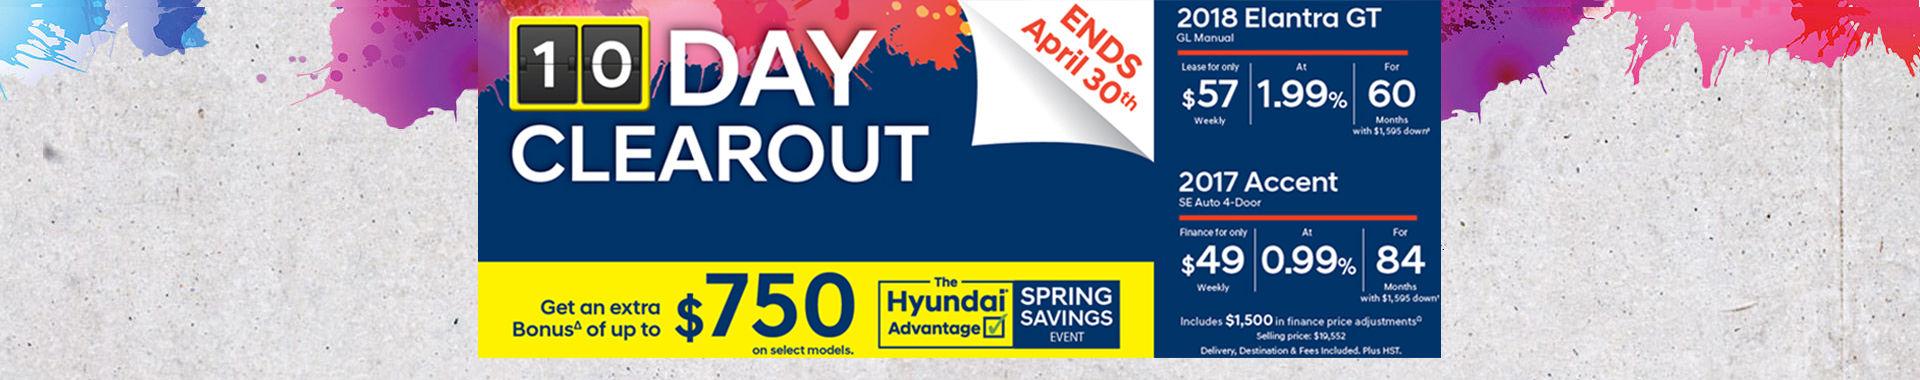 Hyundai Advantage Springs Savings Event - web